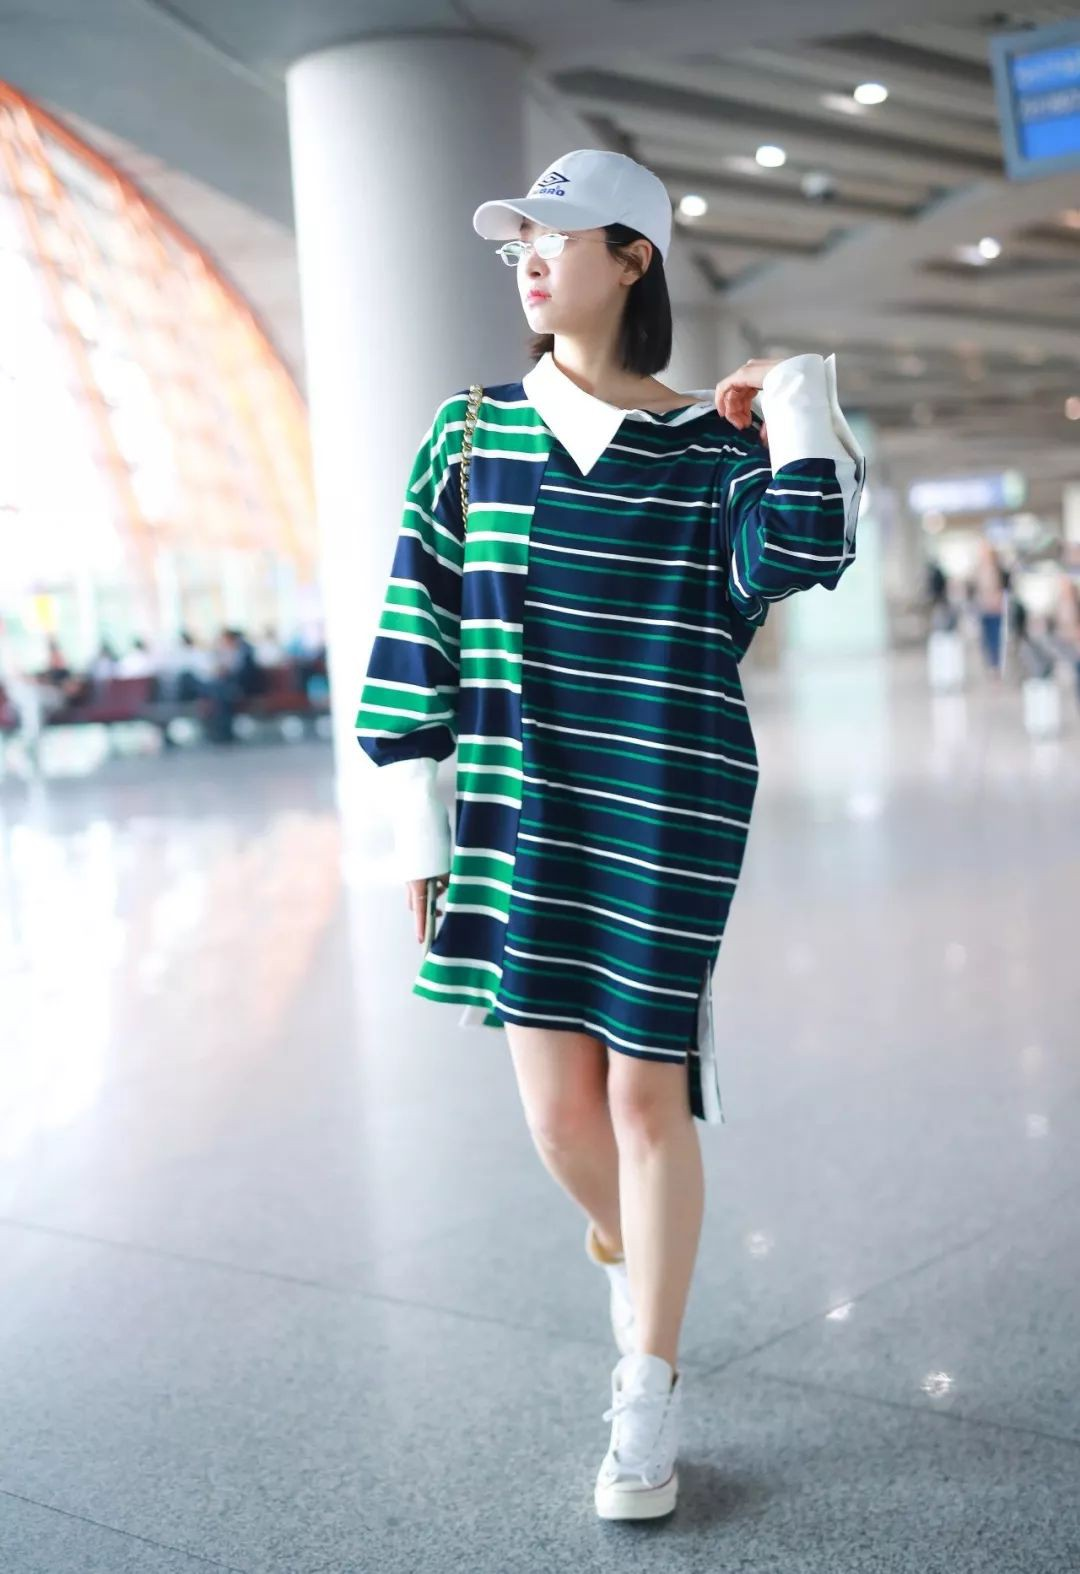 Cùng là váy hiệu 25 triệu mà Victoria Song như mặc đồ Taobao, Cổ Lực Na Trát lại đẳng cấp khác một trời một vực - Ảnh 2.